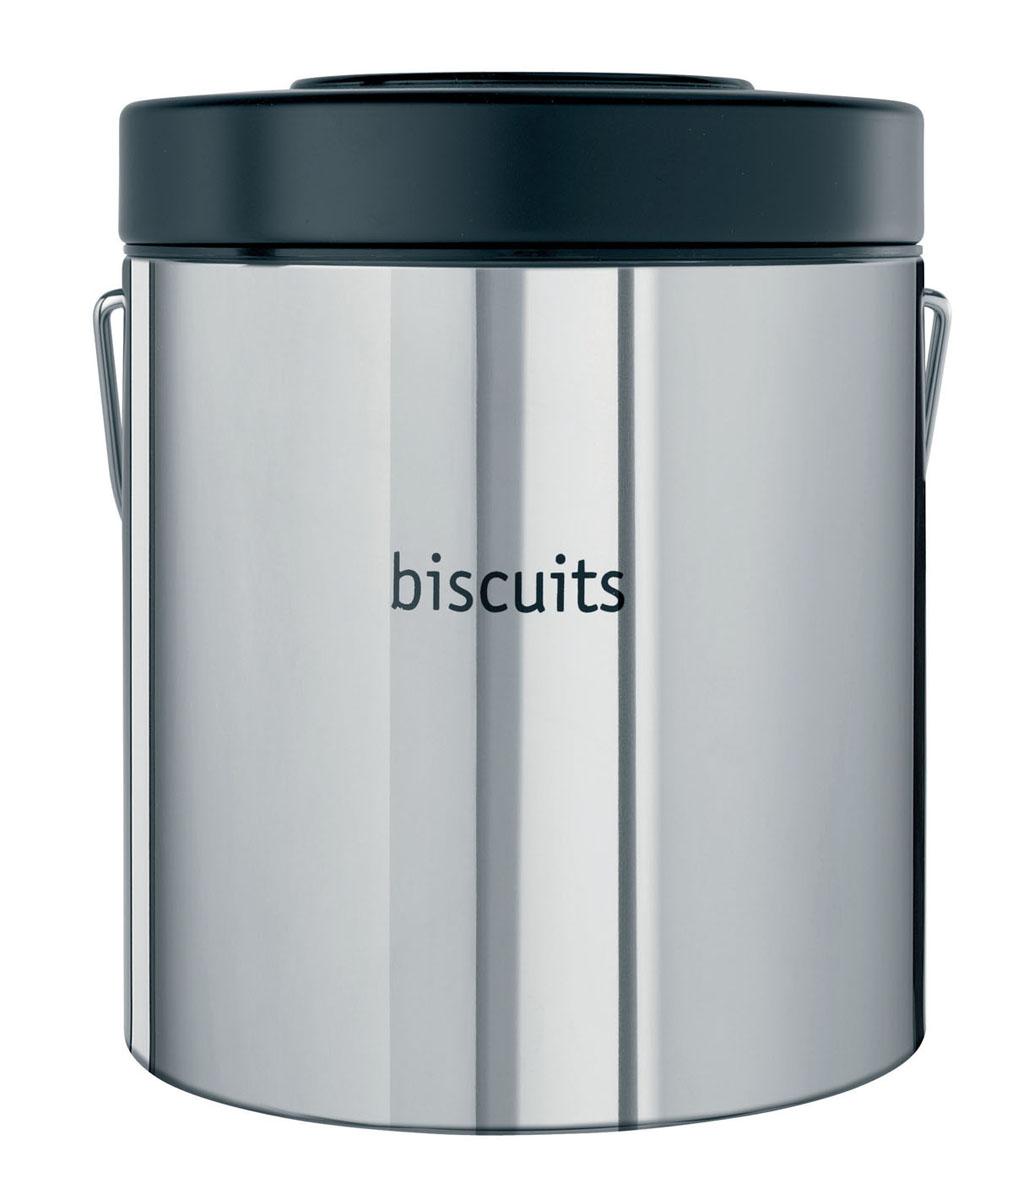 Контейнер для продуктов Brabantia. Печенье, 3,5 л160301Контейнер для продуктов Brabantia изготовлен из антикоррозийной стали с зеркальной полировкой. Внешняя стенка контейнера оформлена надписью Biscuits (Печенье). Внутренняя поверхность контейнера и крышка выполнены из пластика. На крышке расположена влаговпитывающая капсула с фиксатором даты, который всегда напомнит, когда в последний раз сушили капсулу в данном контейнере. Влаговпитывающую капсулу рекомендуется периодически сушить в нагретой духовке в течение короткого времени. Для удобной переноски у контейнера имеется прочная стальная ручка. Характеристики:Материал: сталь, пластик. Объем: 3,5 л. Диаметр по верхнему краю: 16 см. Высота стенки: 19 см.Гарантия производителя: 5 лет.